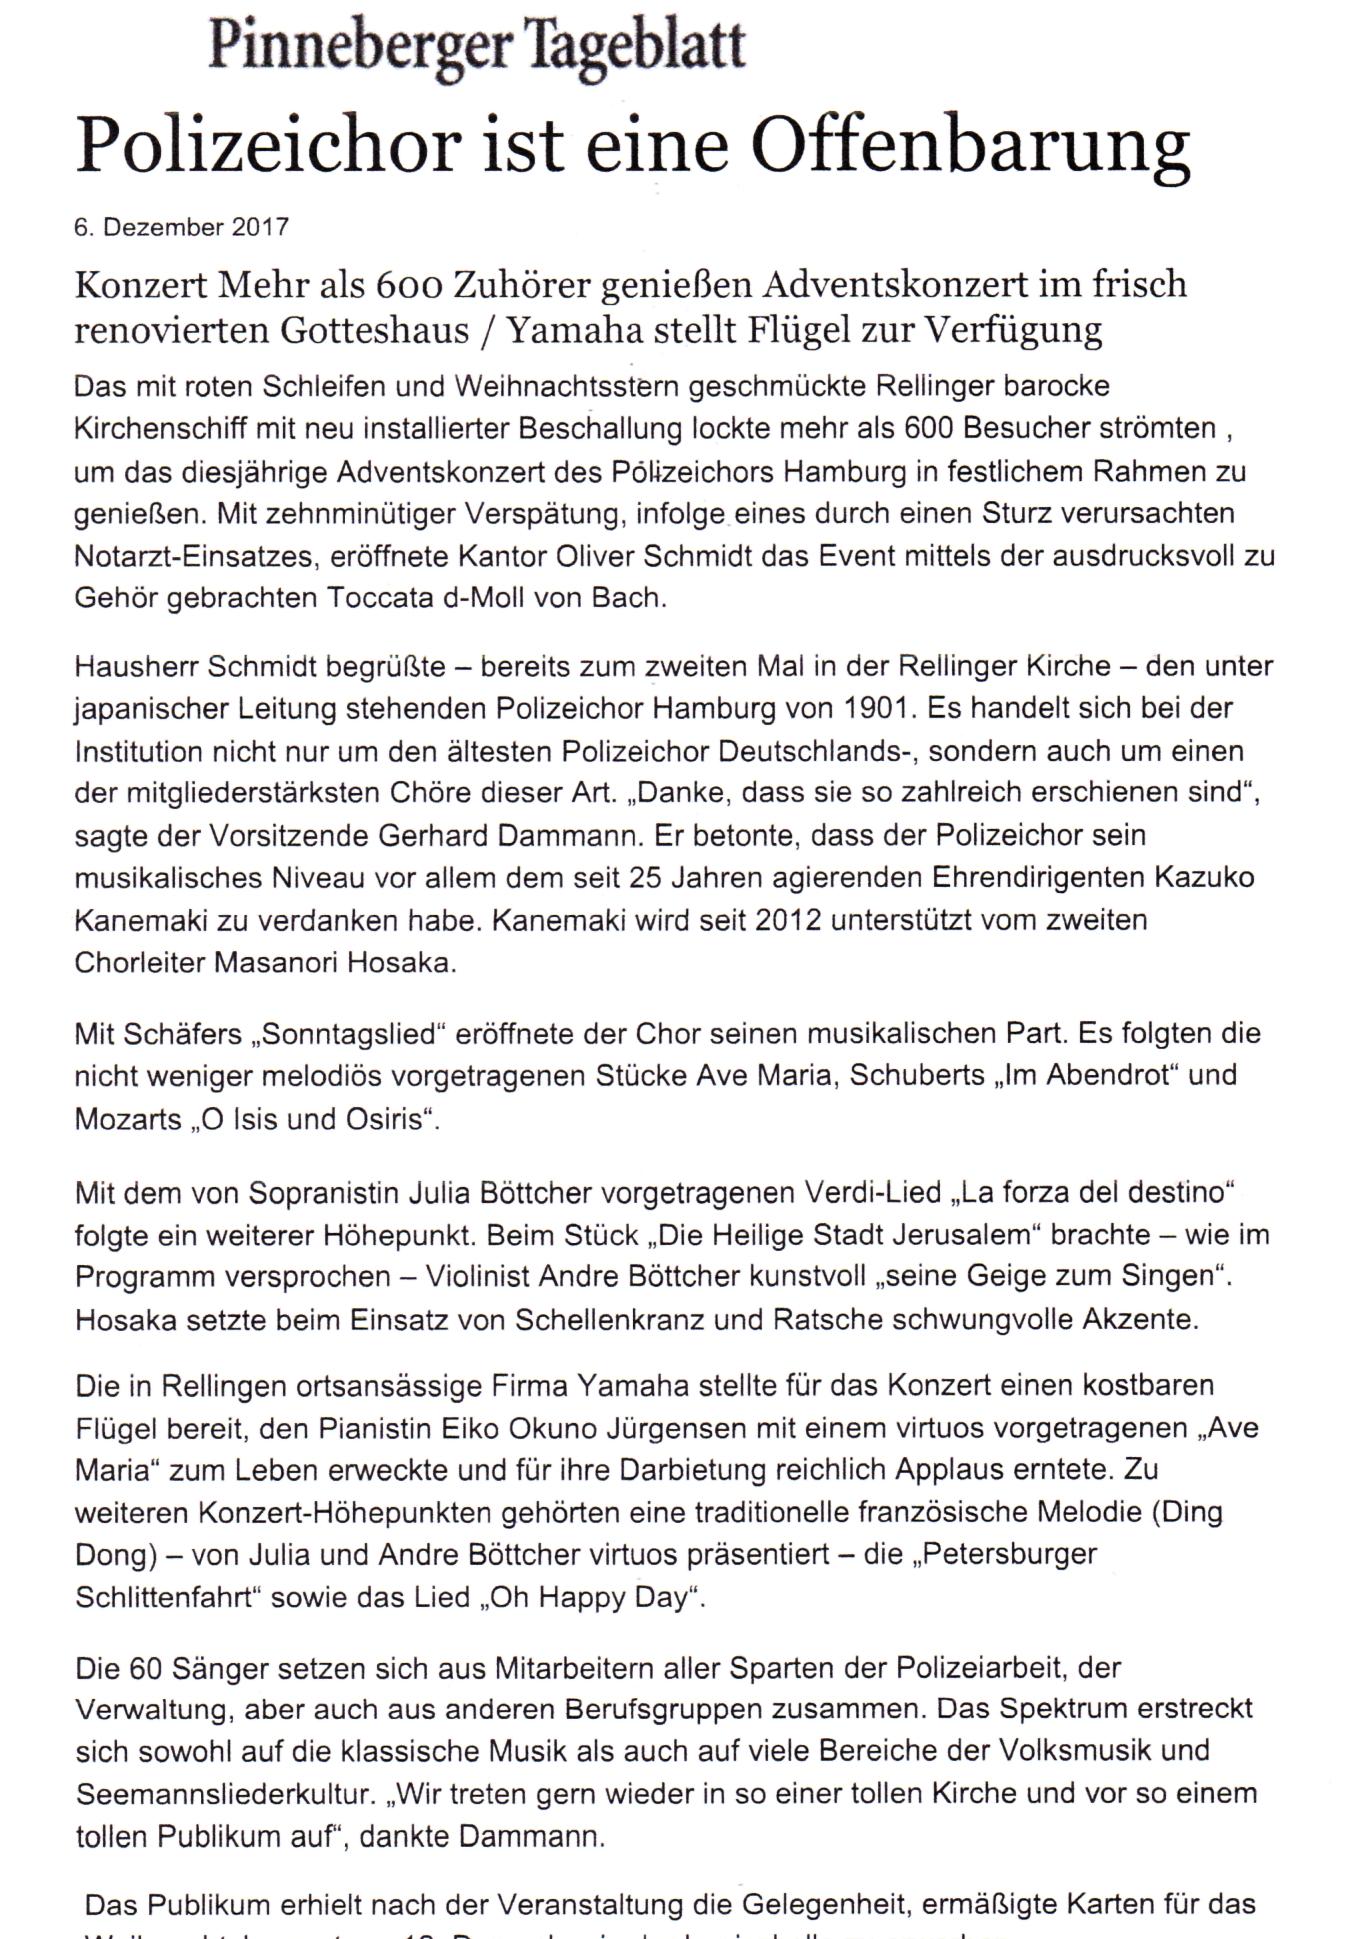 Rellingen2017_Tageblatt